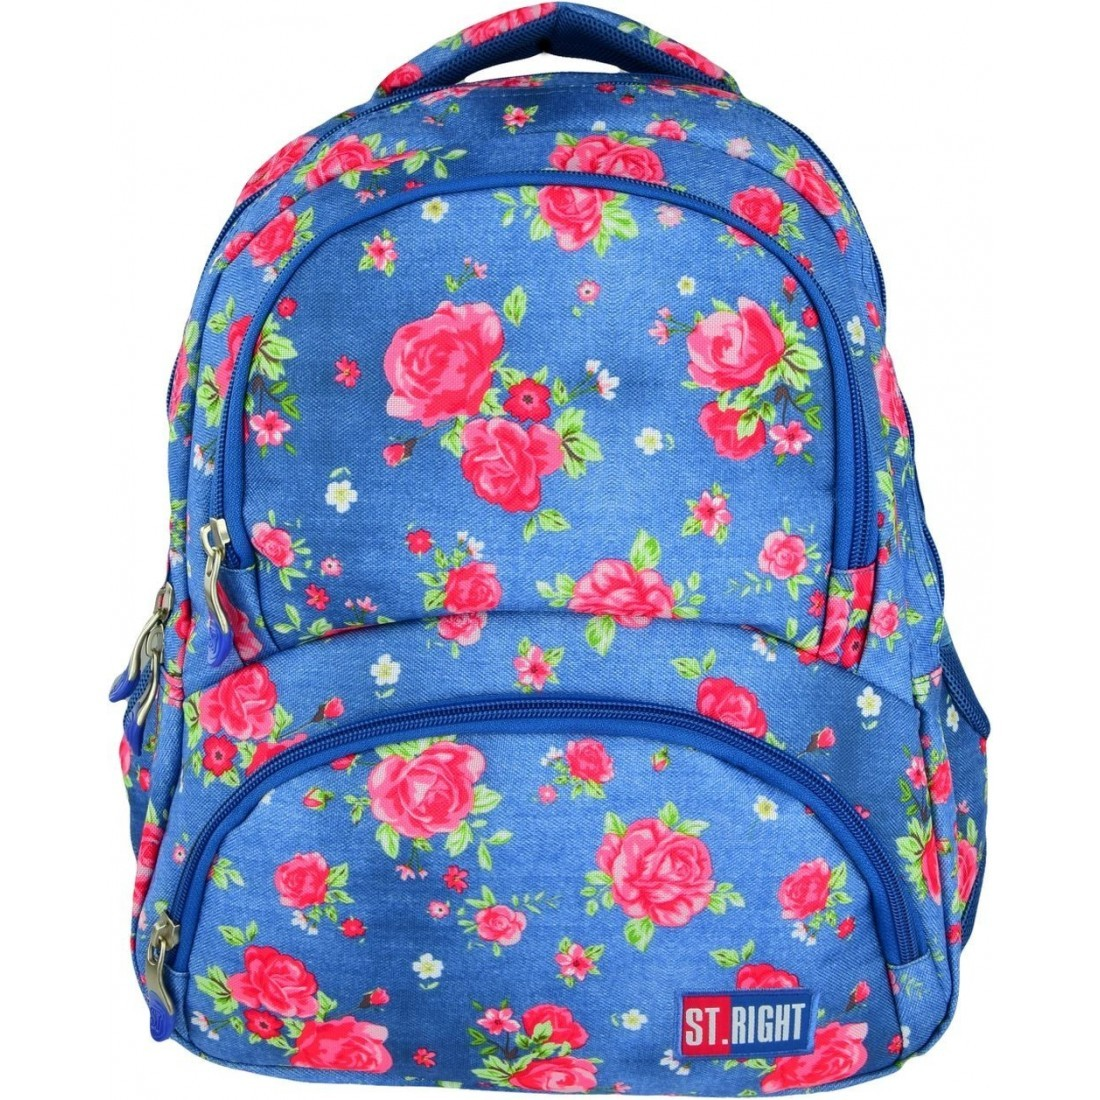 a7838122f86c3 Plecak szkolny na laptop 07 ST.RIGHT GARDEN dla dziewczynki - plecak ...